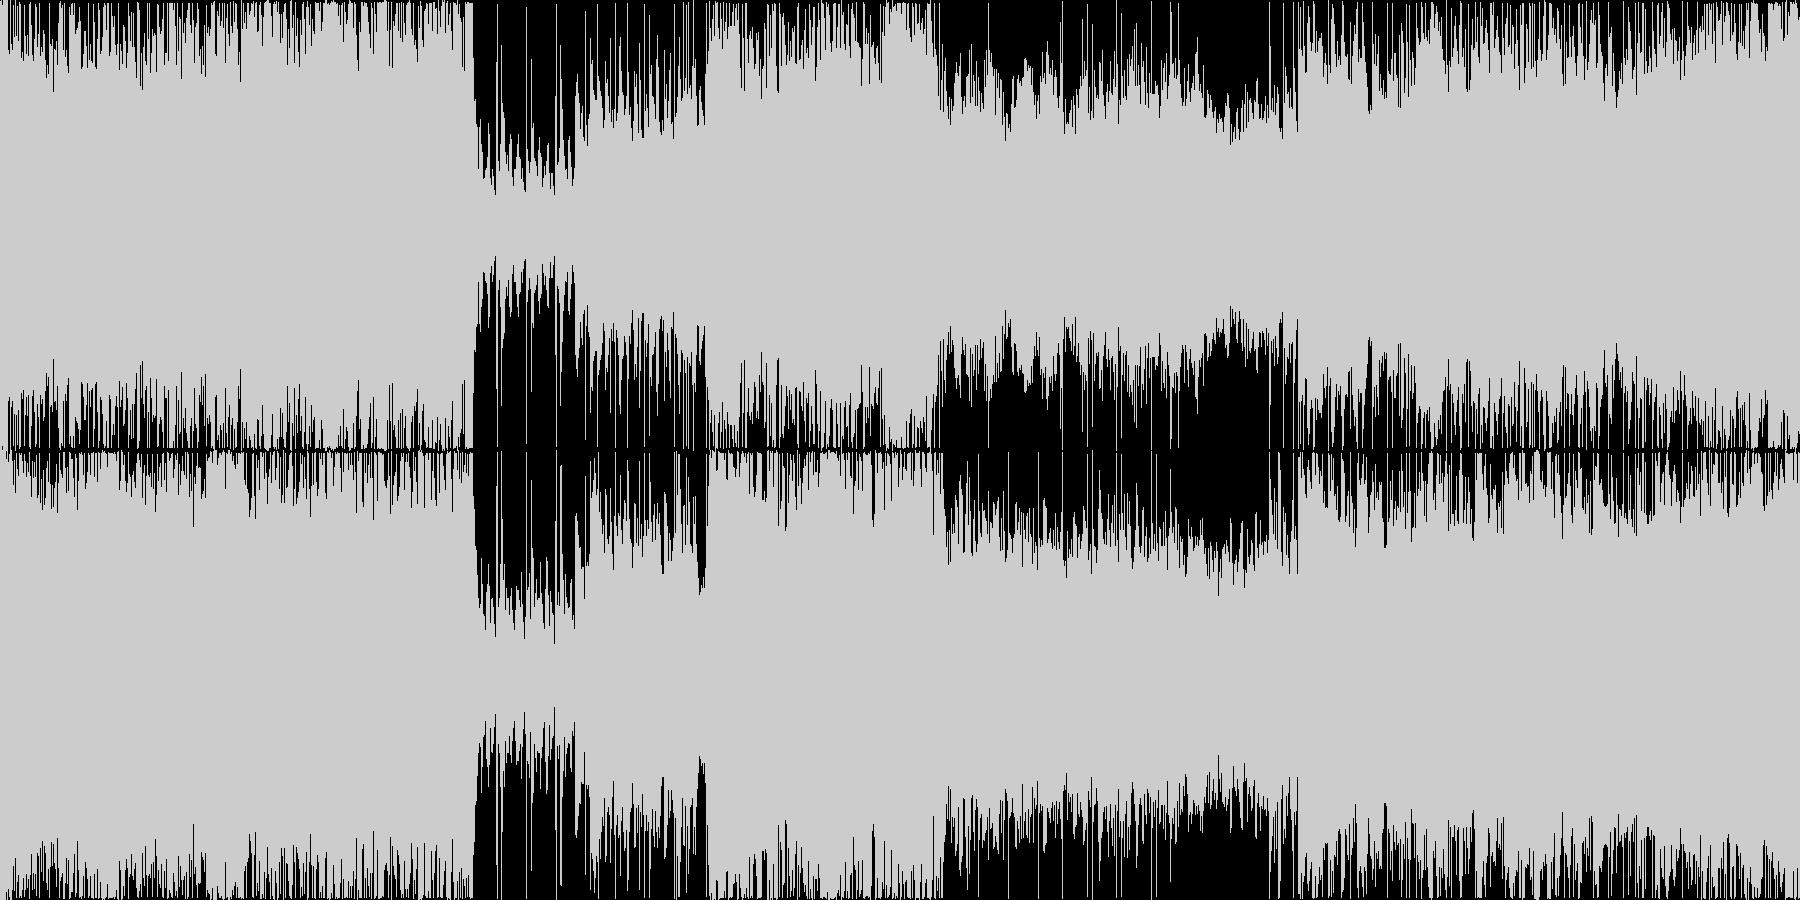 壮大なボスバトル、オーケストラ/ループ可の未再生の波形